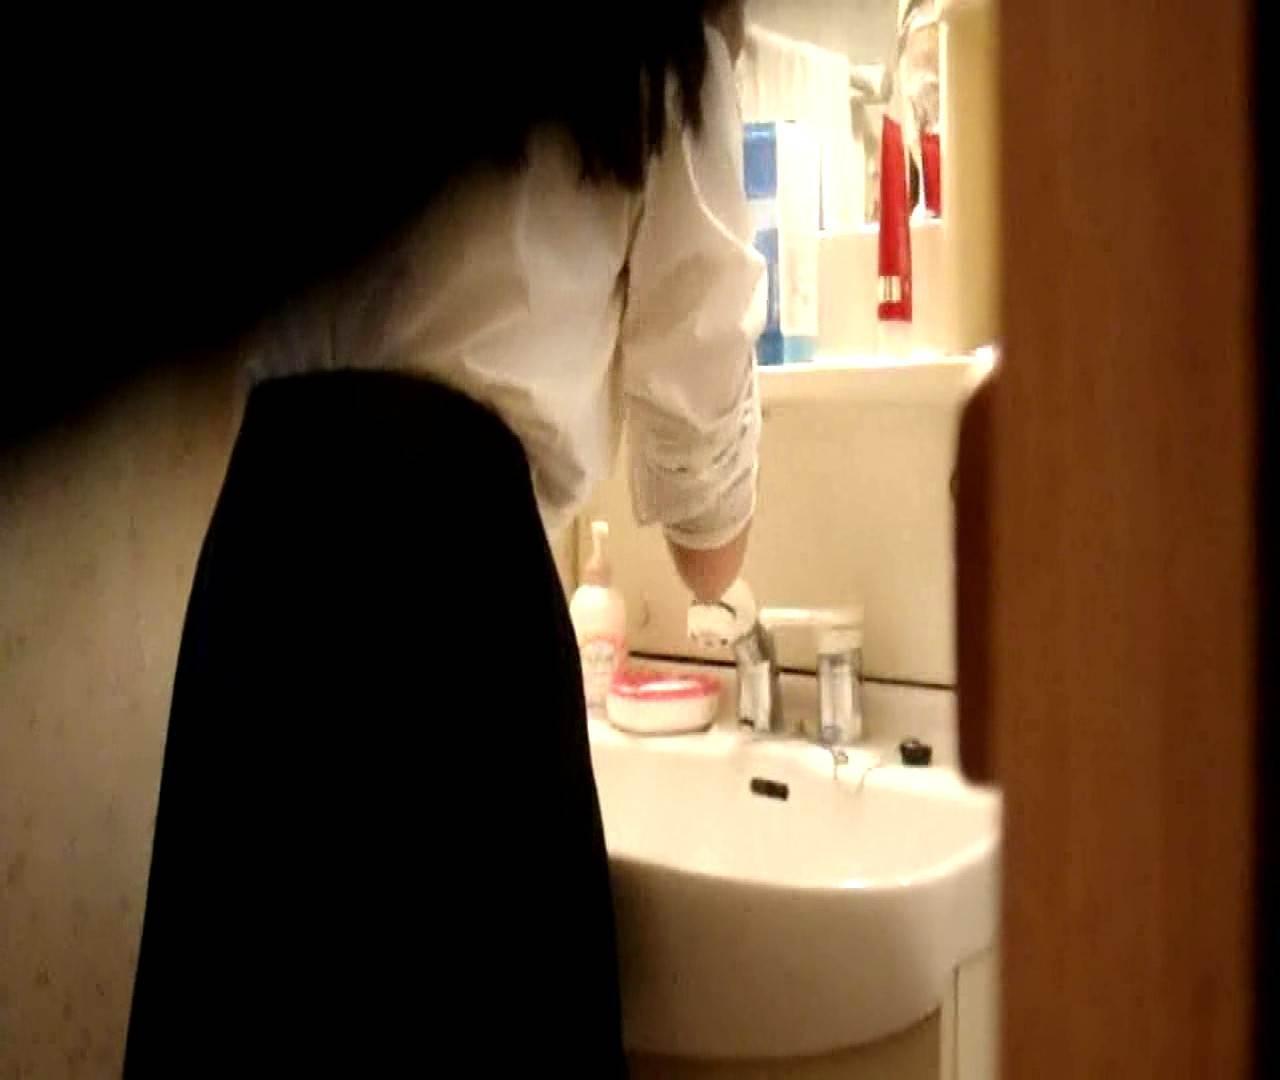 vol.5 まどかが帰宅後の洗顔後にブラを洗ってます。 いじくり  21画像 8